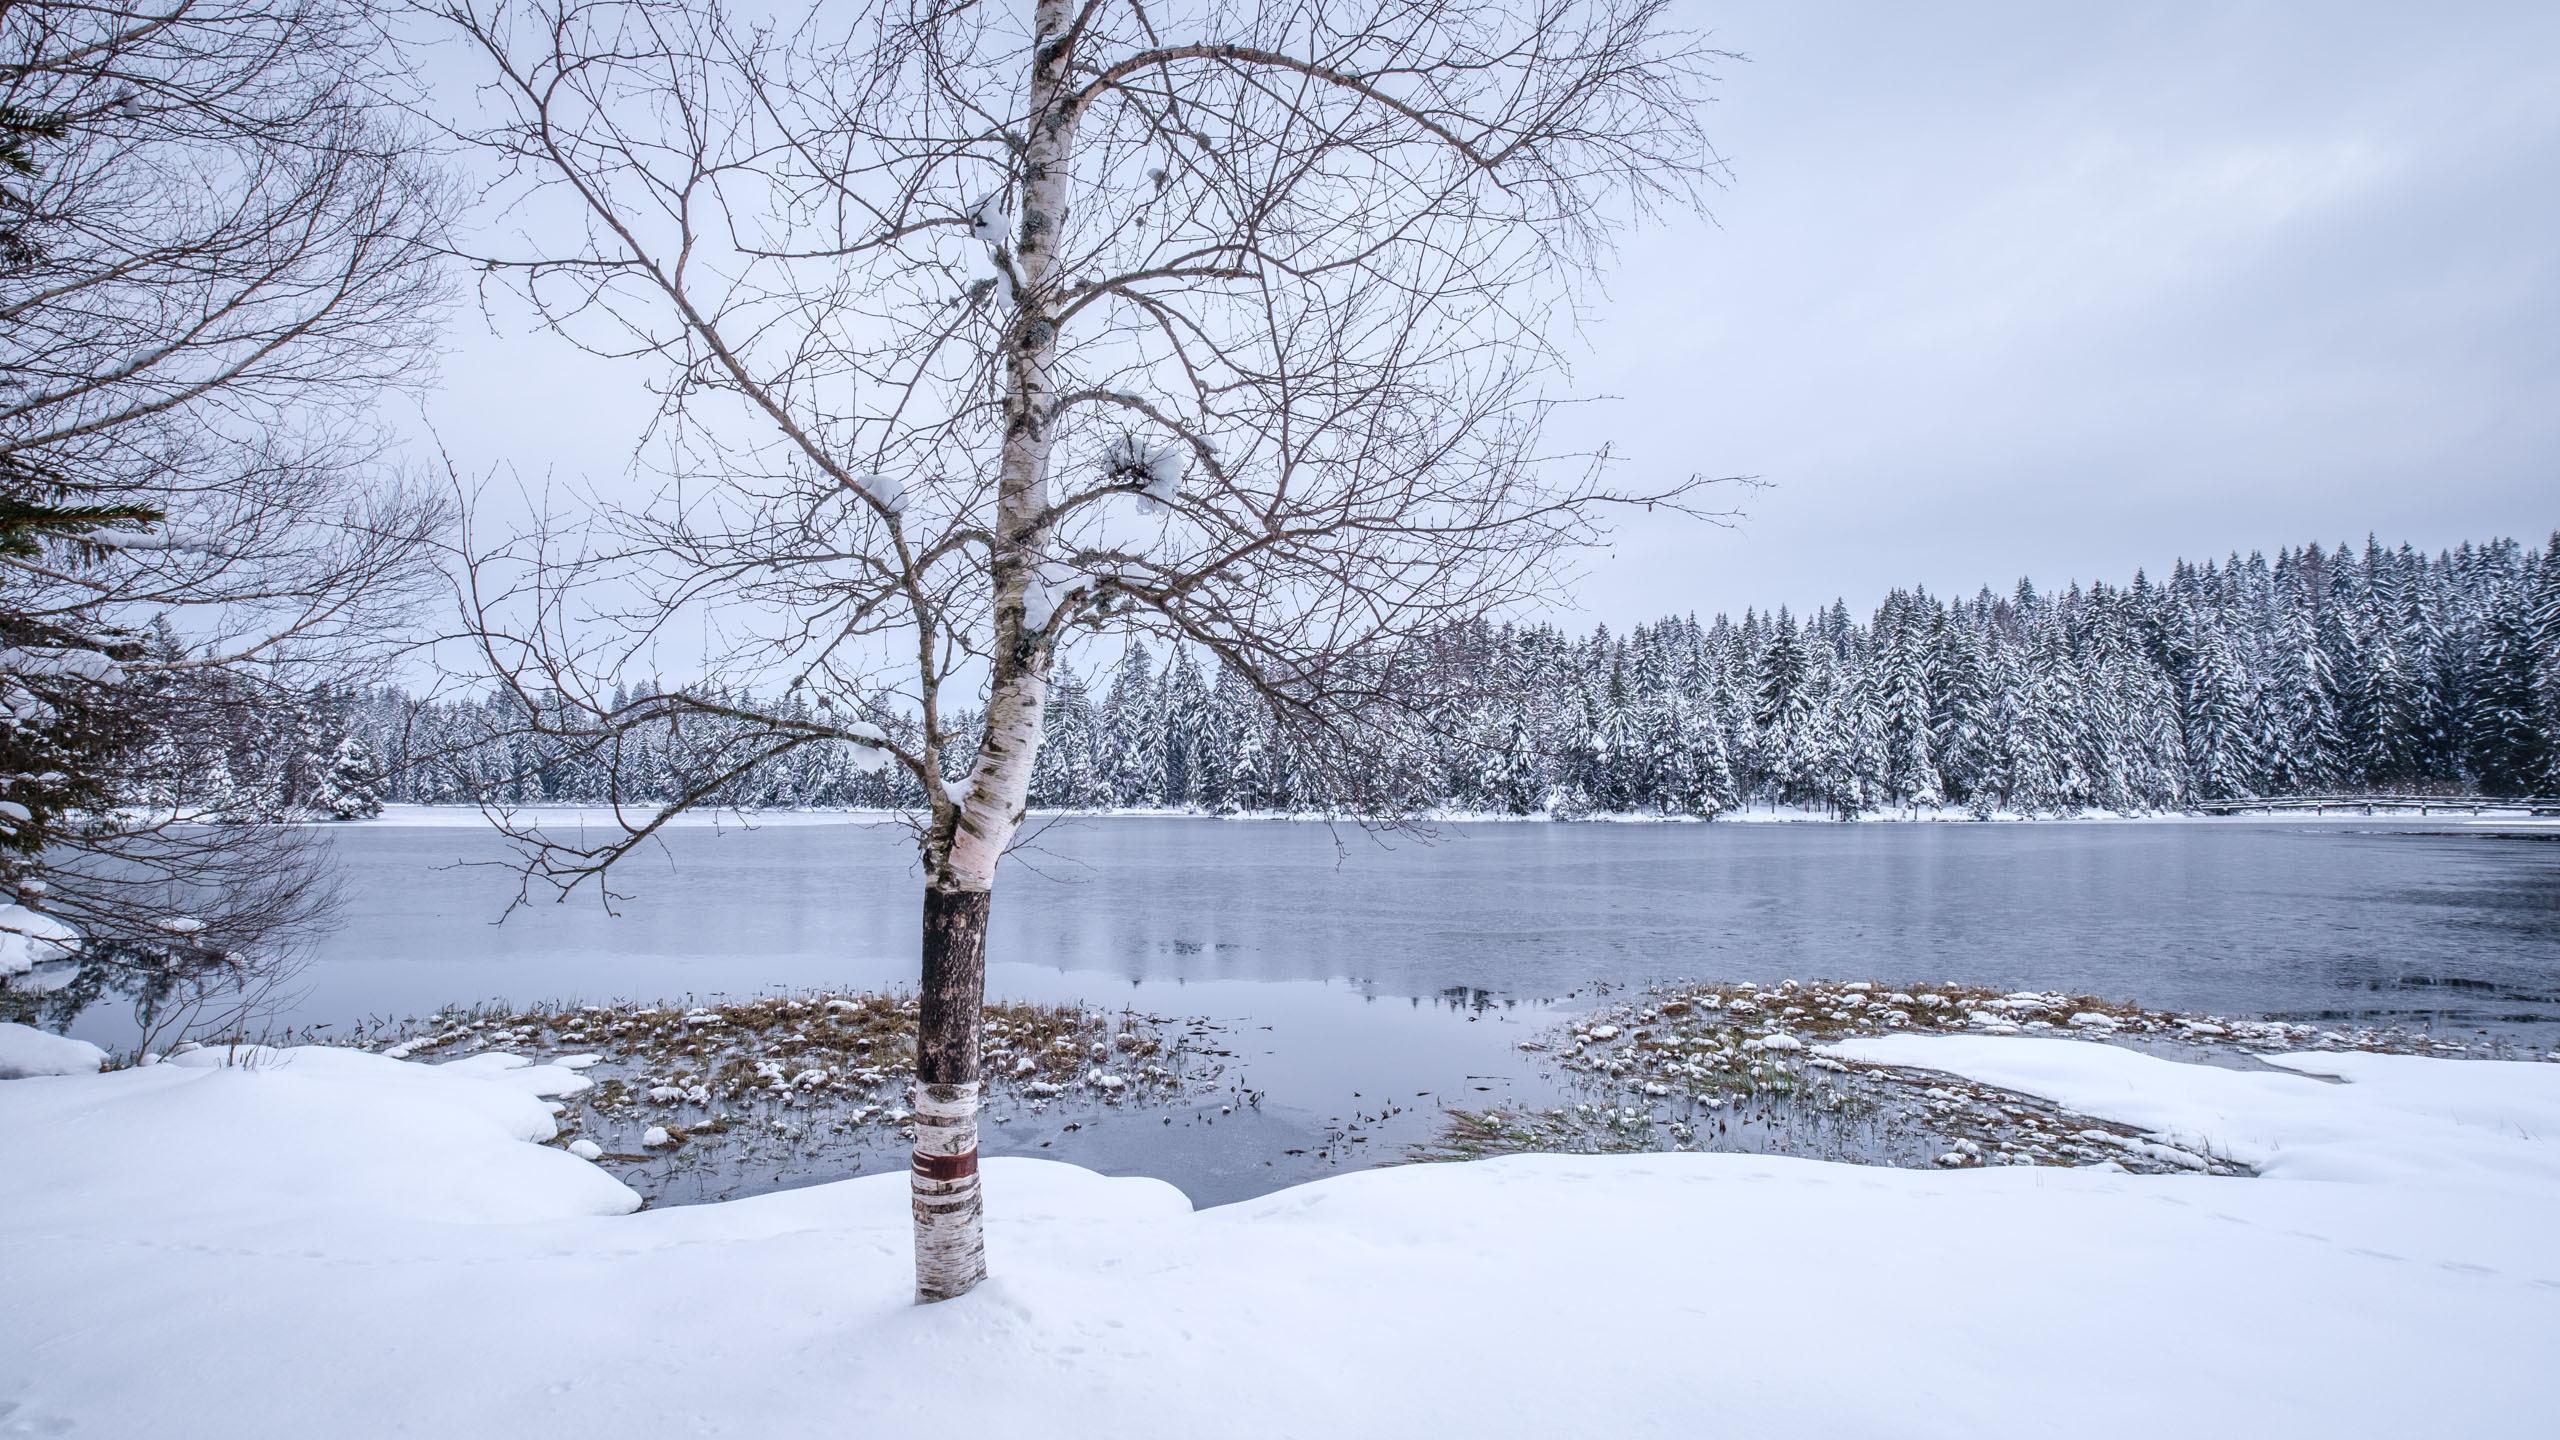 Frozen lake and snowy forest at Étang de la Gruère